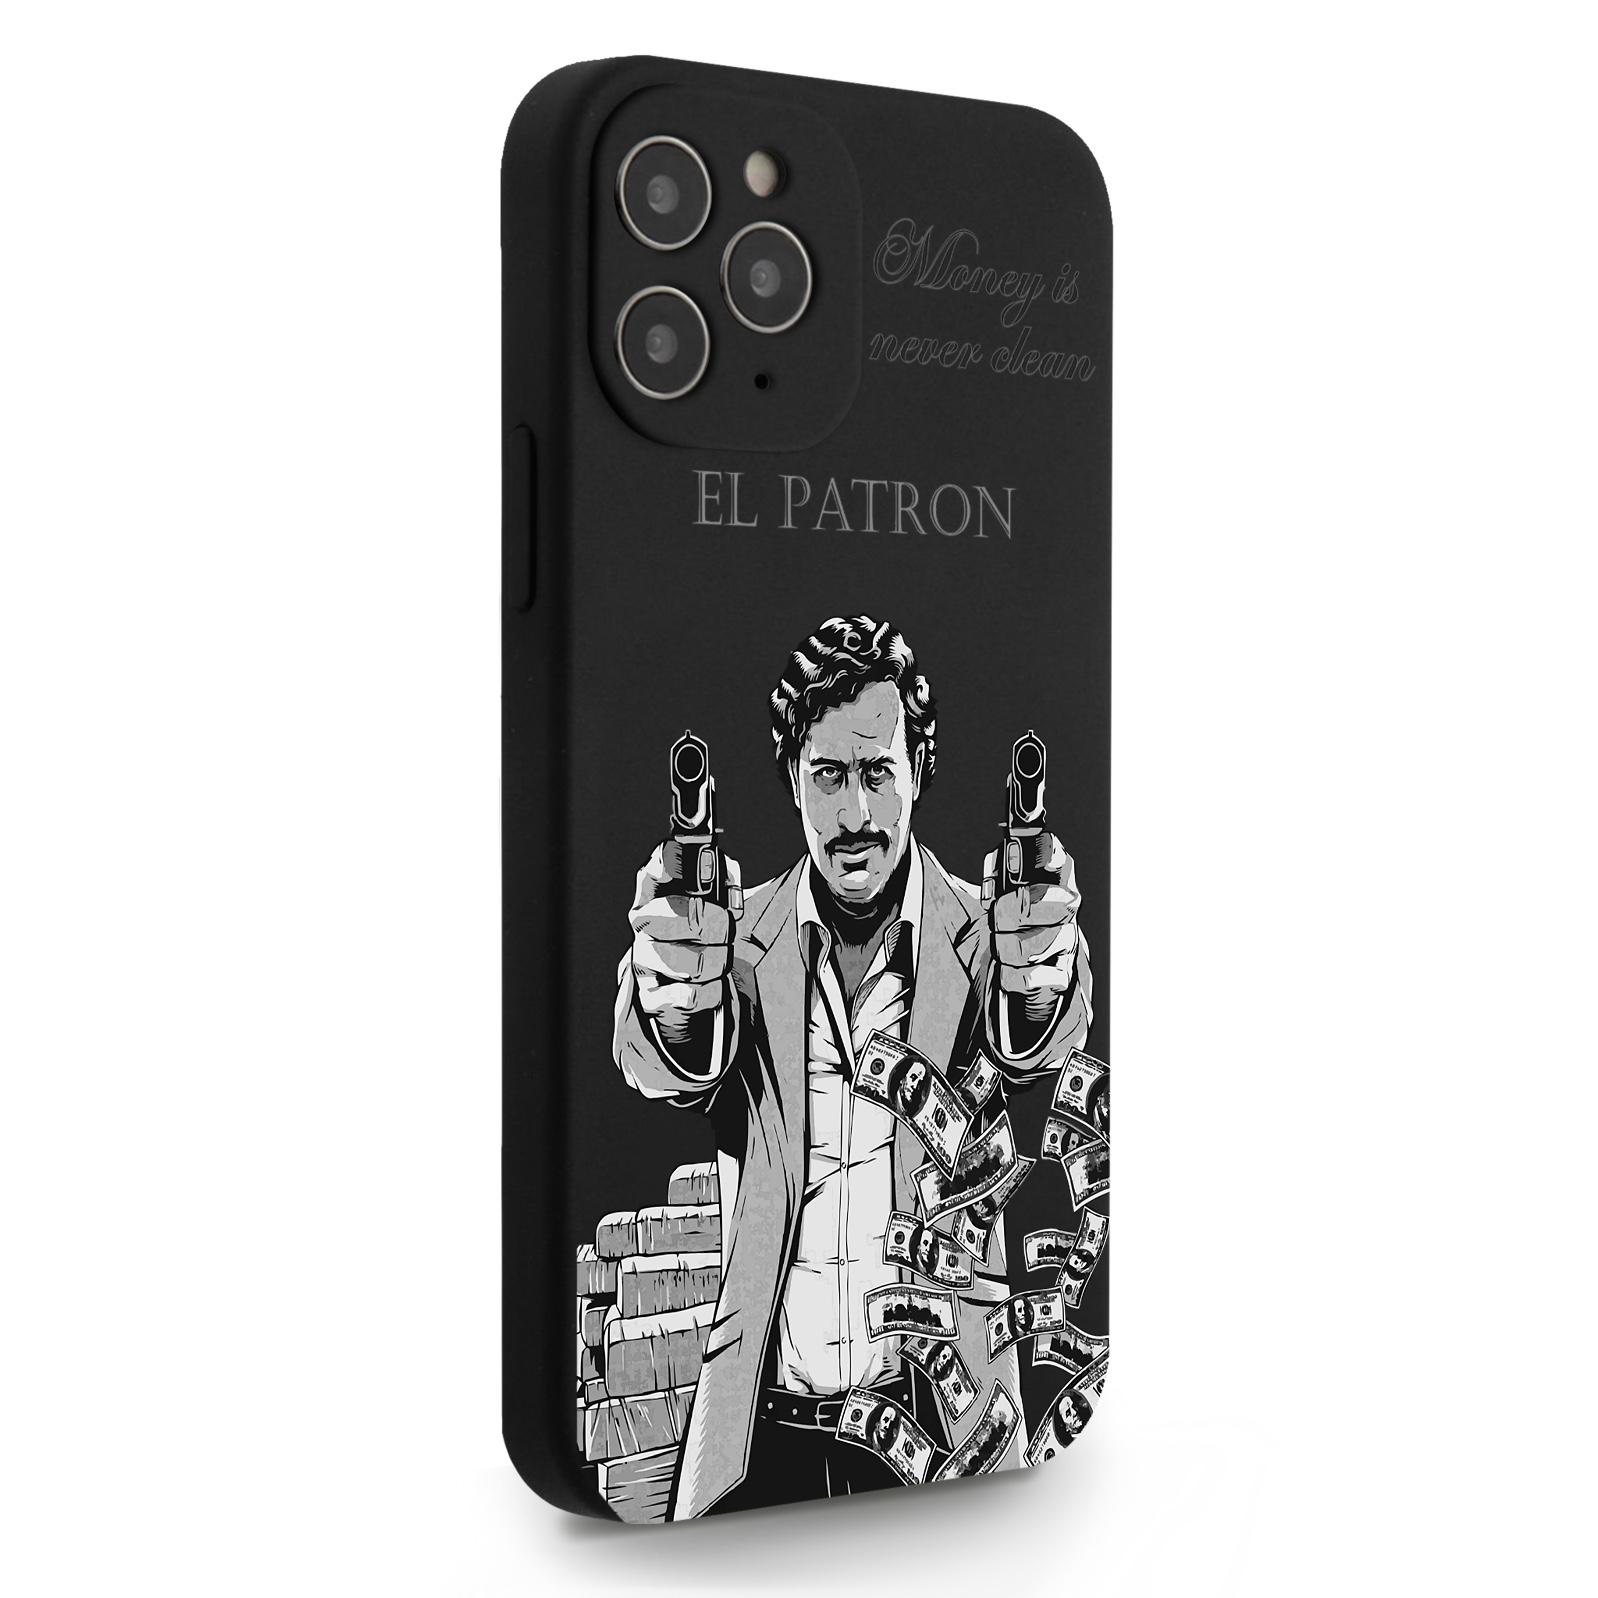 Черный силиконовый чехол для iPhone 12/12 Pro El Patron Pablo Escobar/ Пабло Эскобар для Айфон 12/12 Про